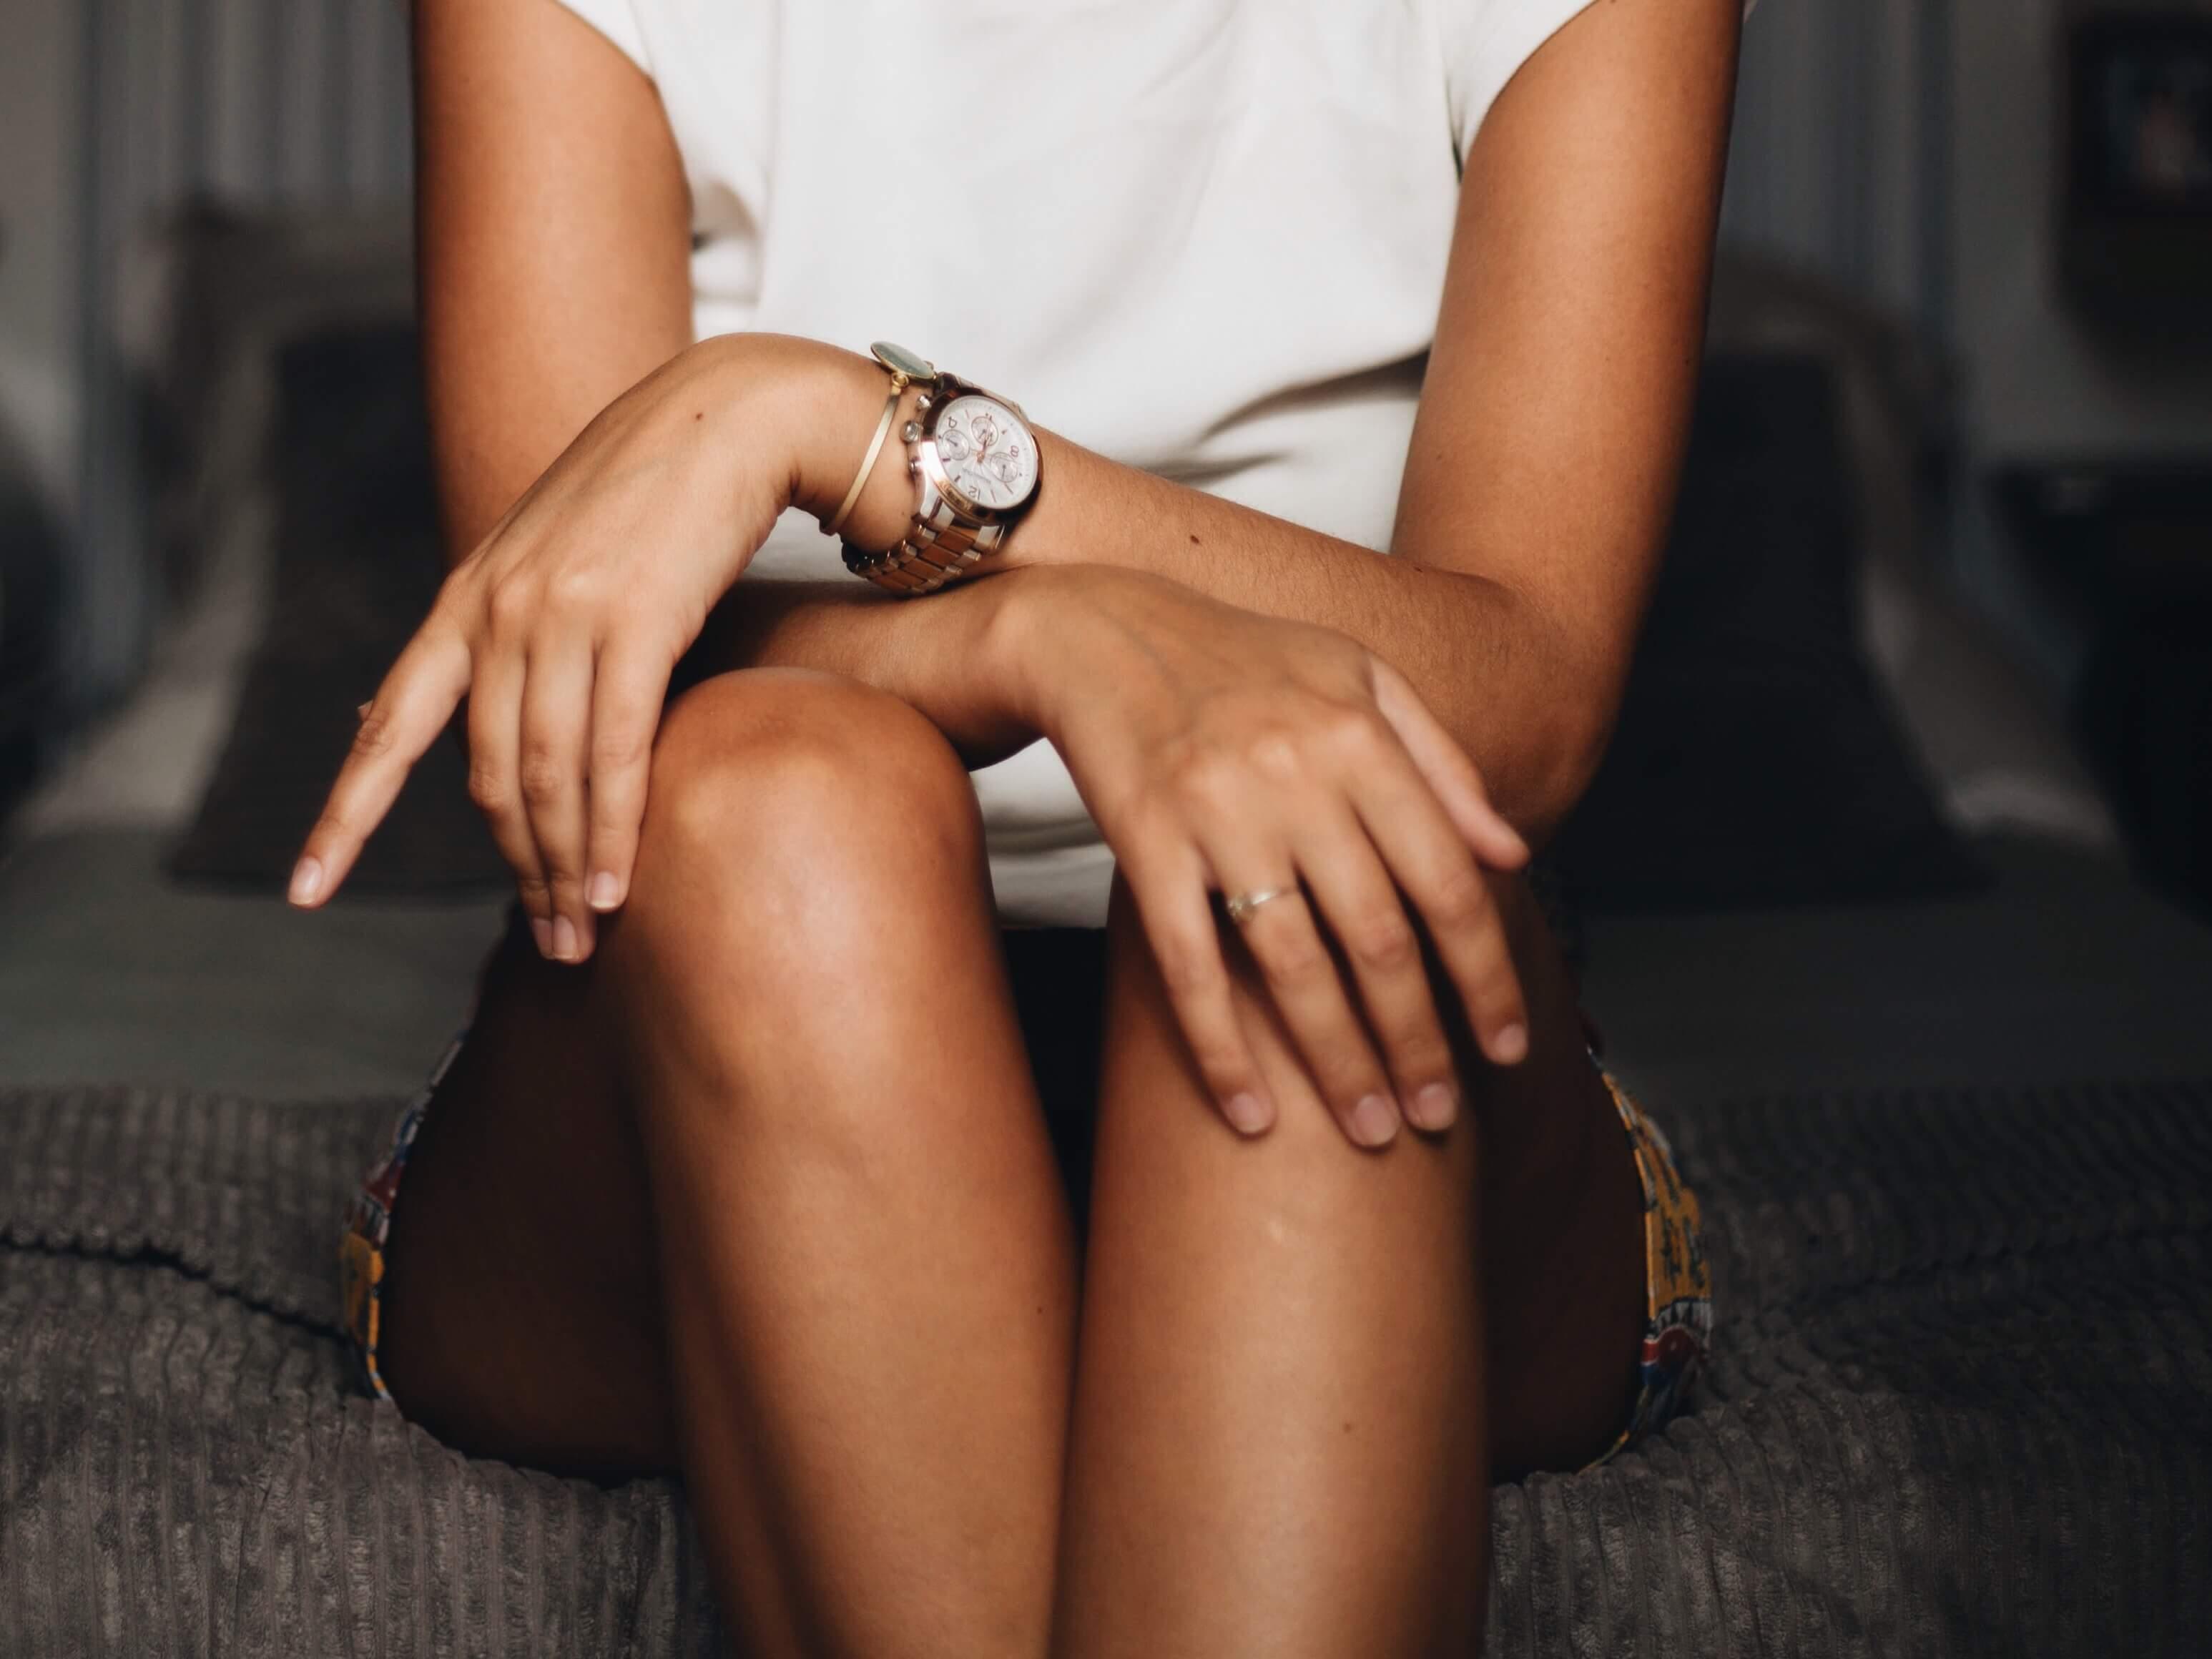 腕を組んで椅子に座る女性